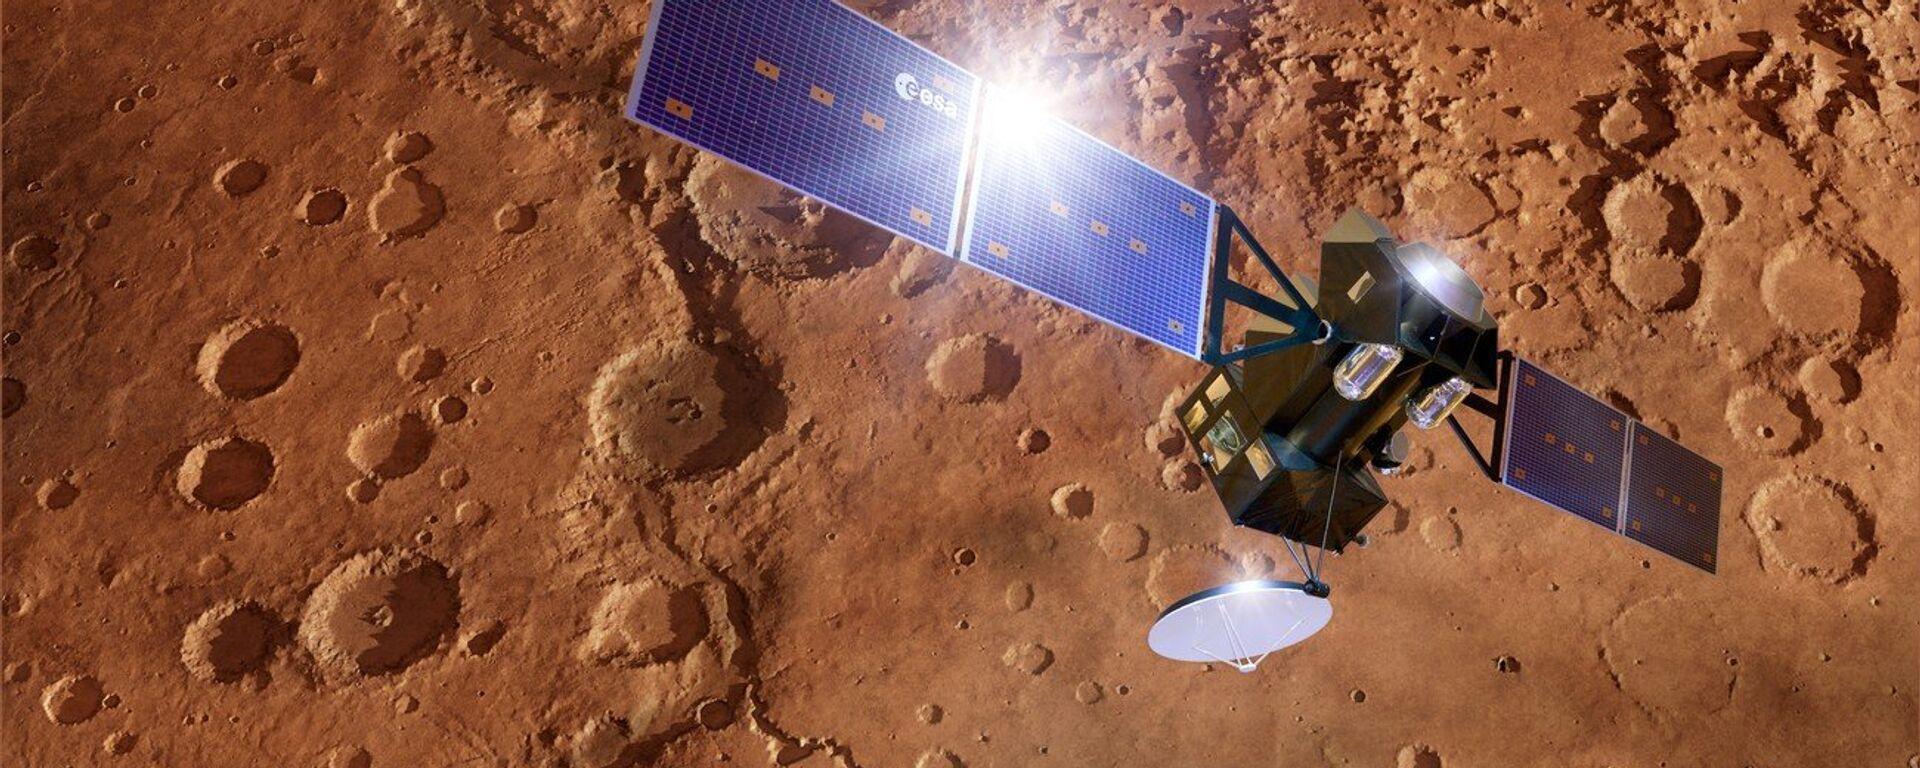 La nave espacial ExoMars TGO en Marte, visión artística - Sputnik Mundo, 1920, 11.02.2021